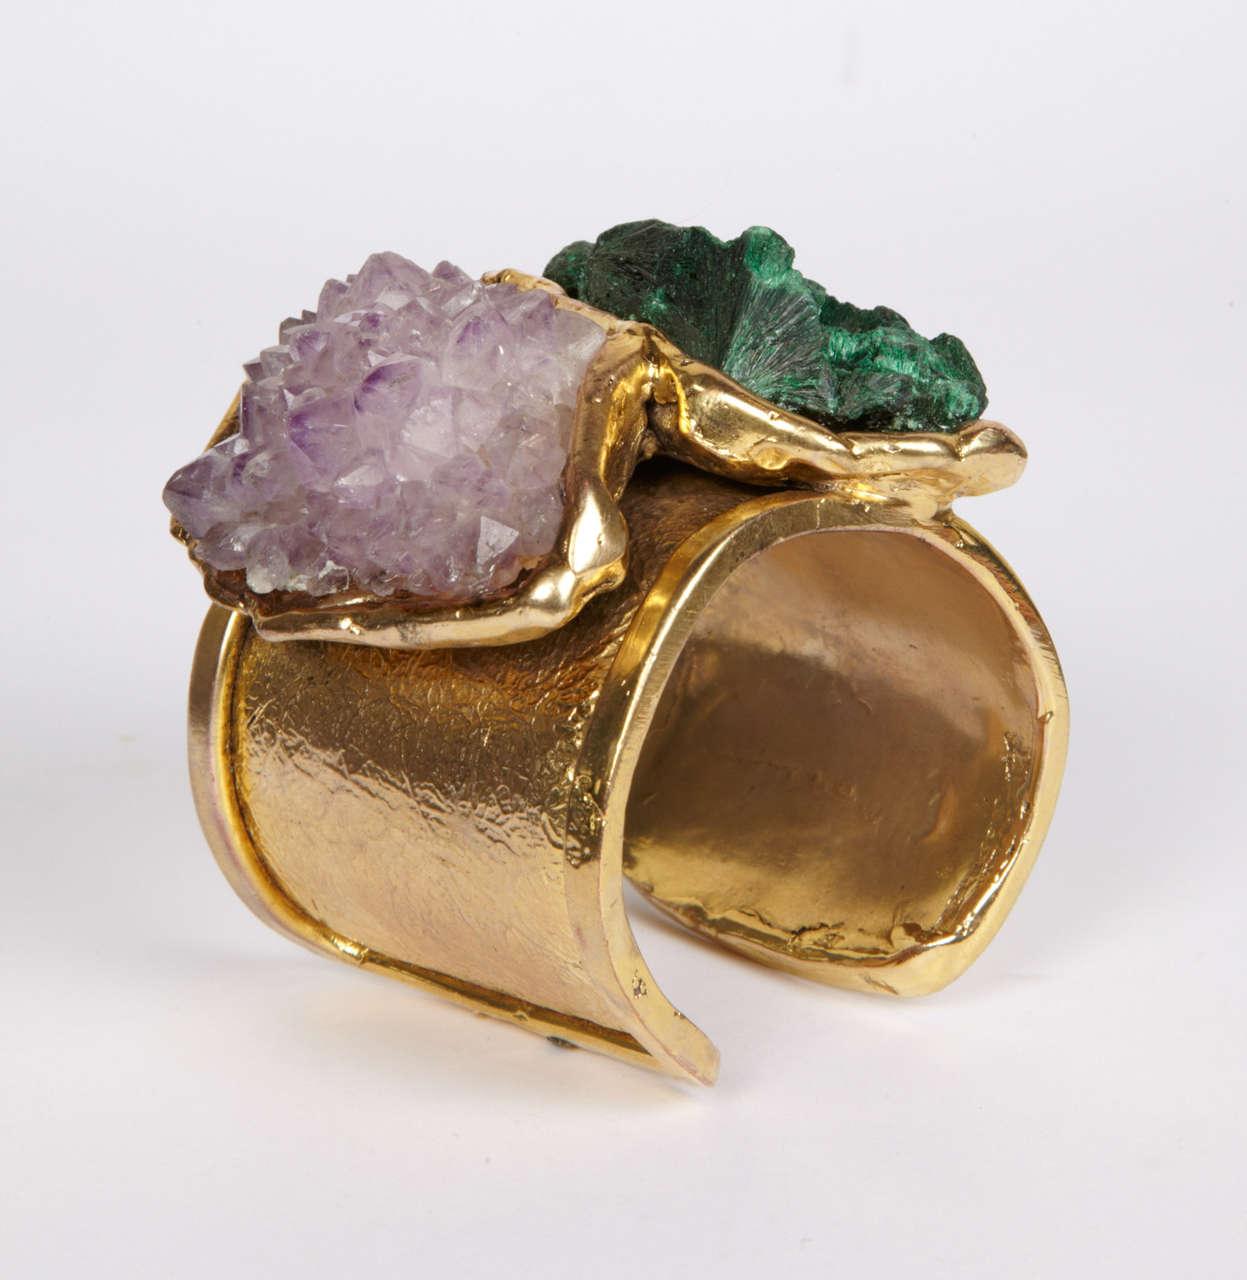 Valerie Egee -  Bronze Cuff Bracelet, Green Malachite, Rodocrosytis 5